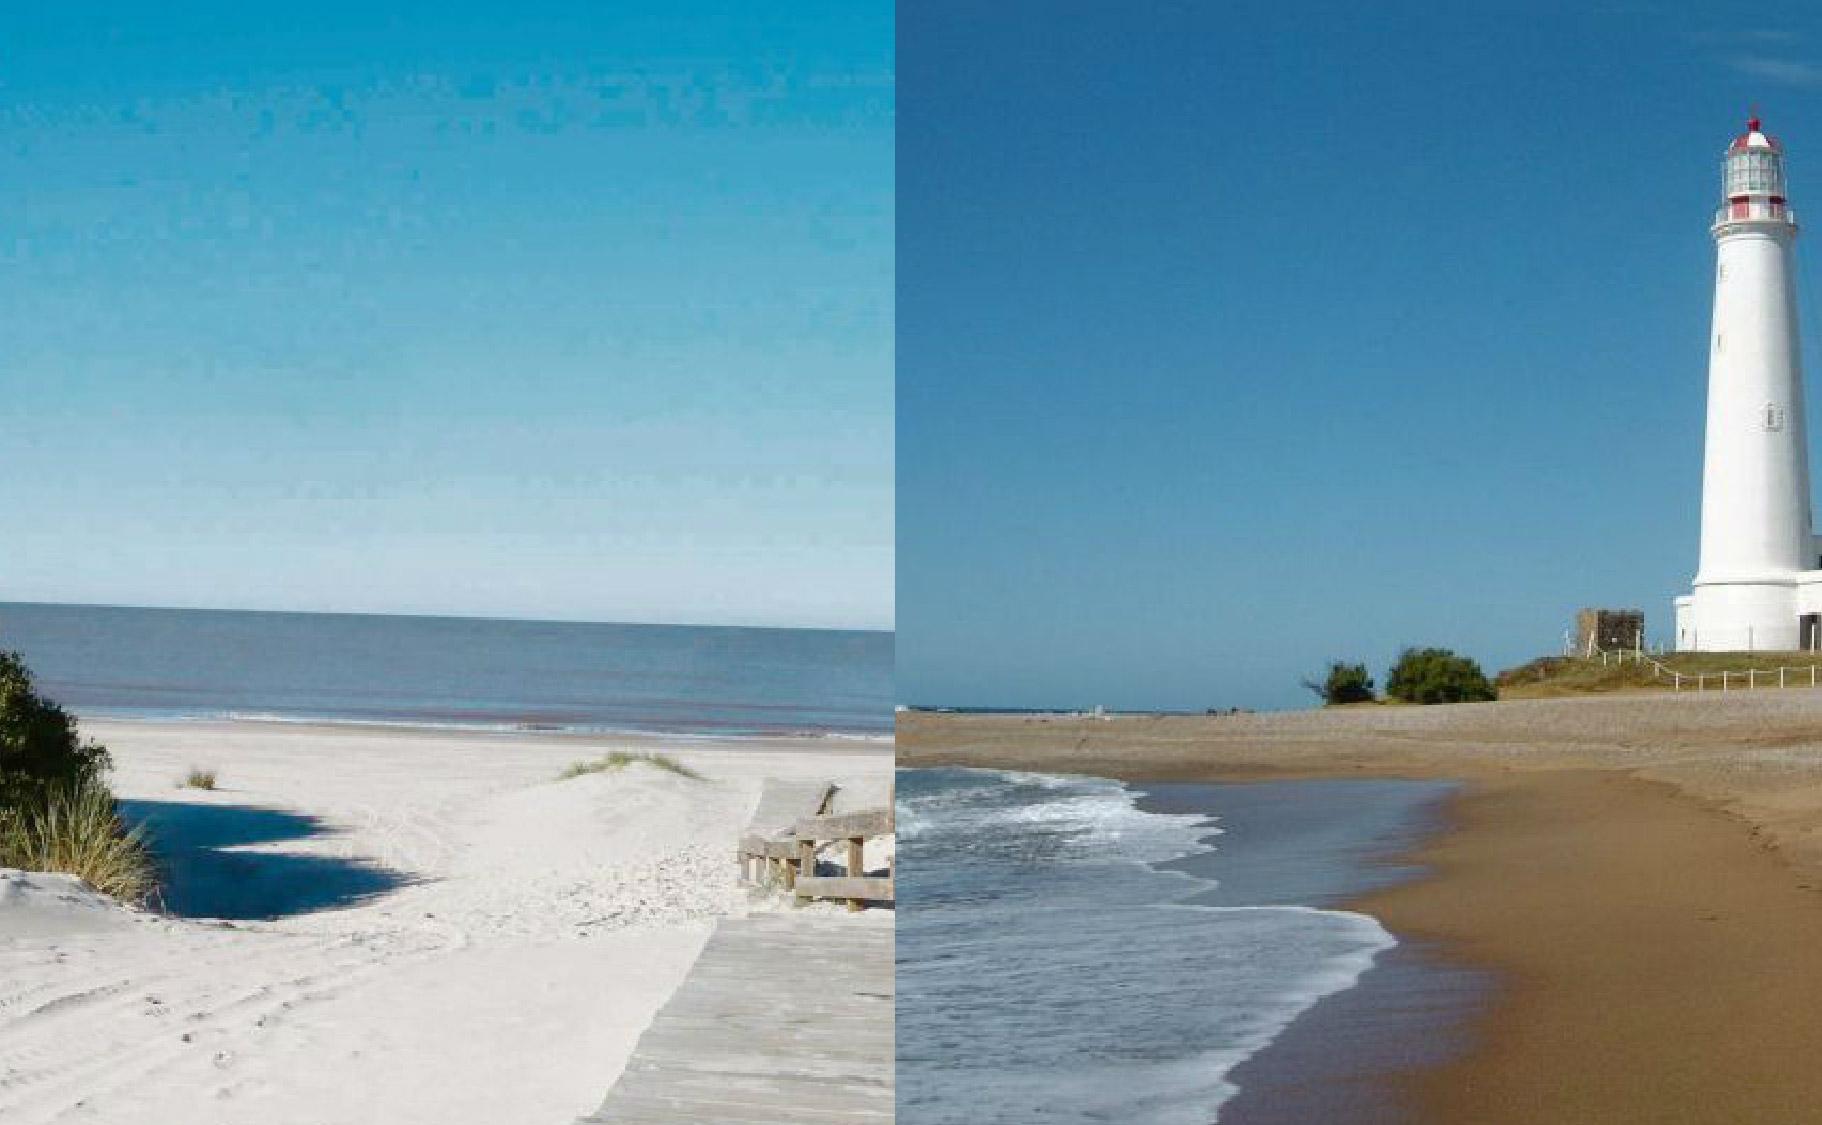 Comprar un terreno en Pinamar es tres veces más caro que en la costa uruguaya